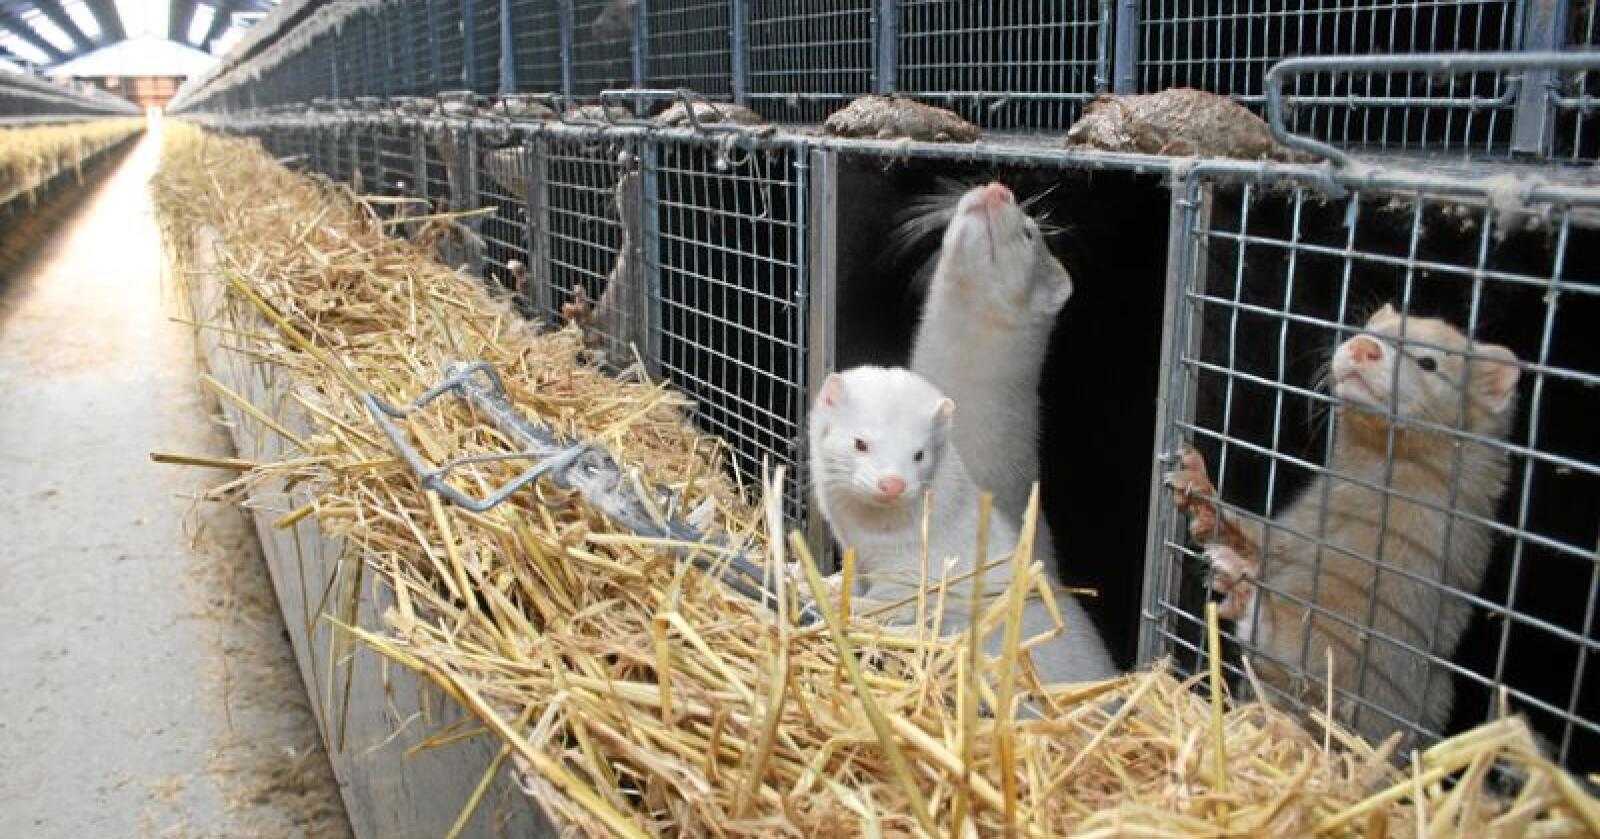 Etter at Mattilsynet gjorde en feil ved rapporteringa fra en minkfarm har tilliten til tilsynet blitt svekket. Det ifølge pelsdyralslaget i Rogaland. Foto: Bjarne Bekkeheien Aase